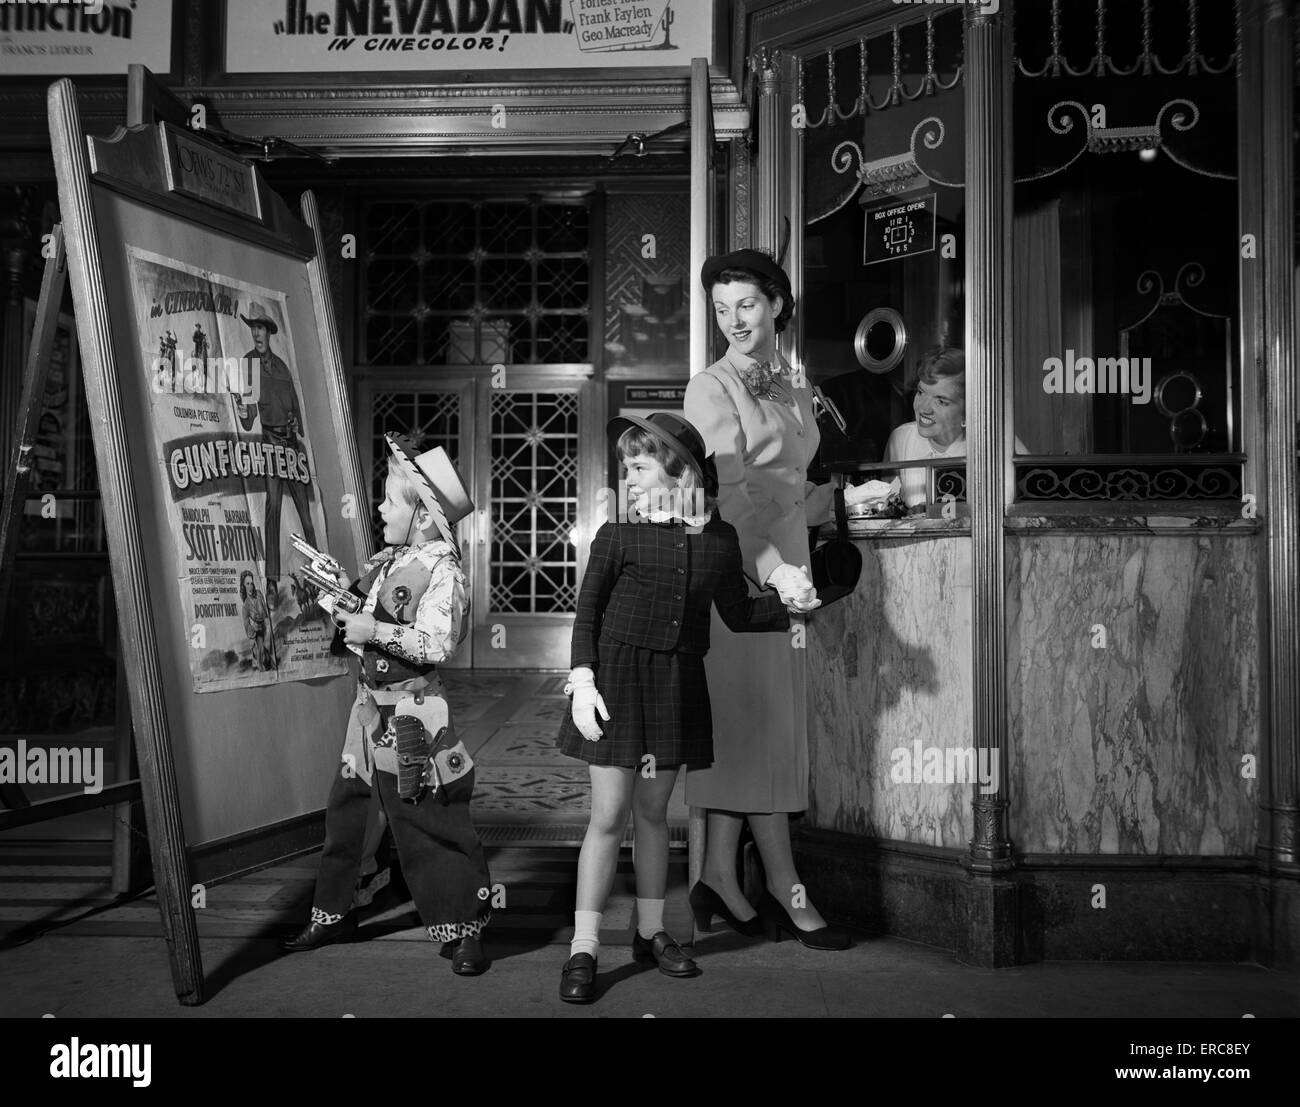 1950ER JAHRE KOSTÜM MUTTER NEHMEN KINDER ZUM KAUF VON TICKETS ZU EINEM WESTLICHEN JUNGEN TRAGEN COWBOY FILME Stockbild